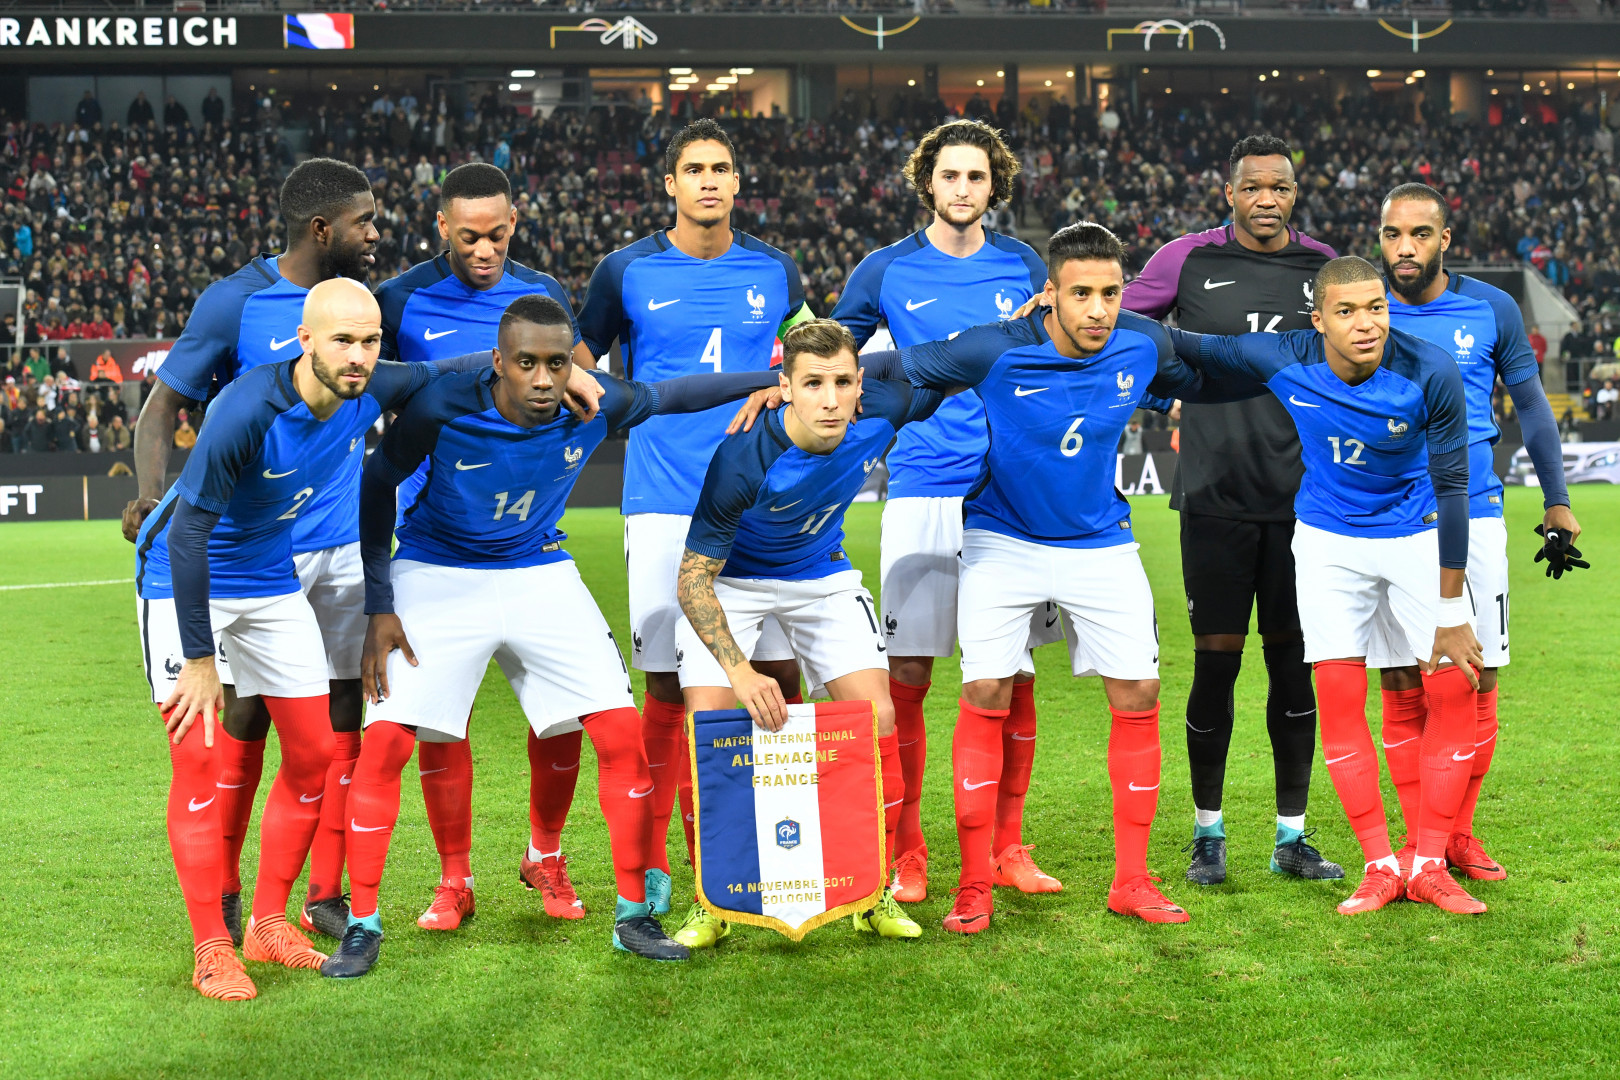 Coupe du Monde 2018 : la France est dans le groupe C